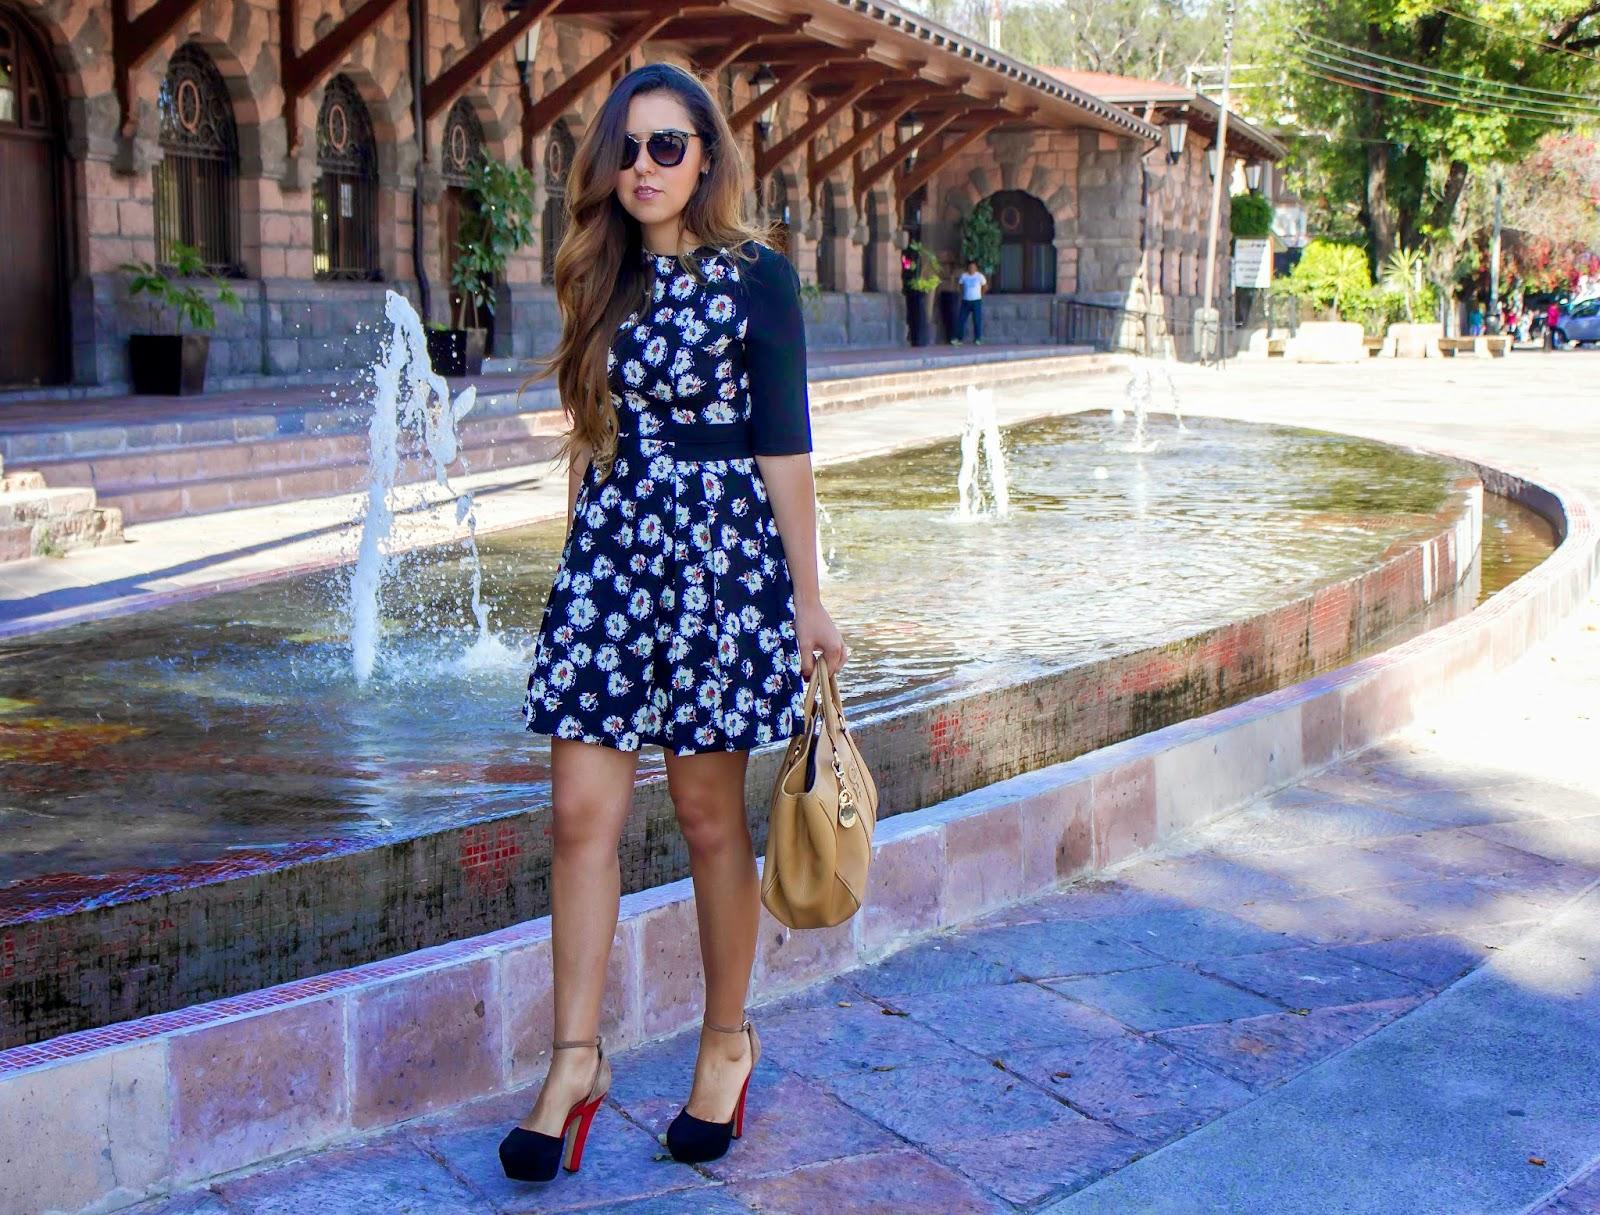 f82031329 Lulalogy es un blog dirigido a mujeres jóvenes que buscan expresarse y  proyectar quienes son. El tema central es la moda y las tendencias pero lo  ...